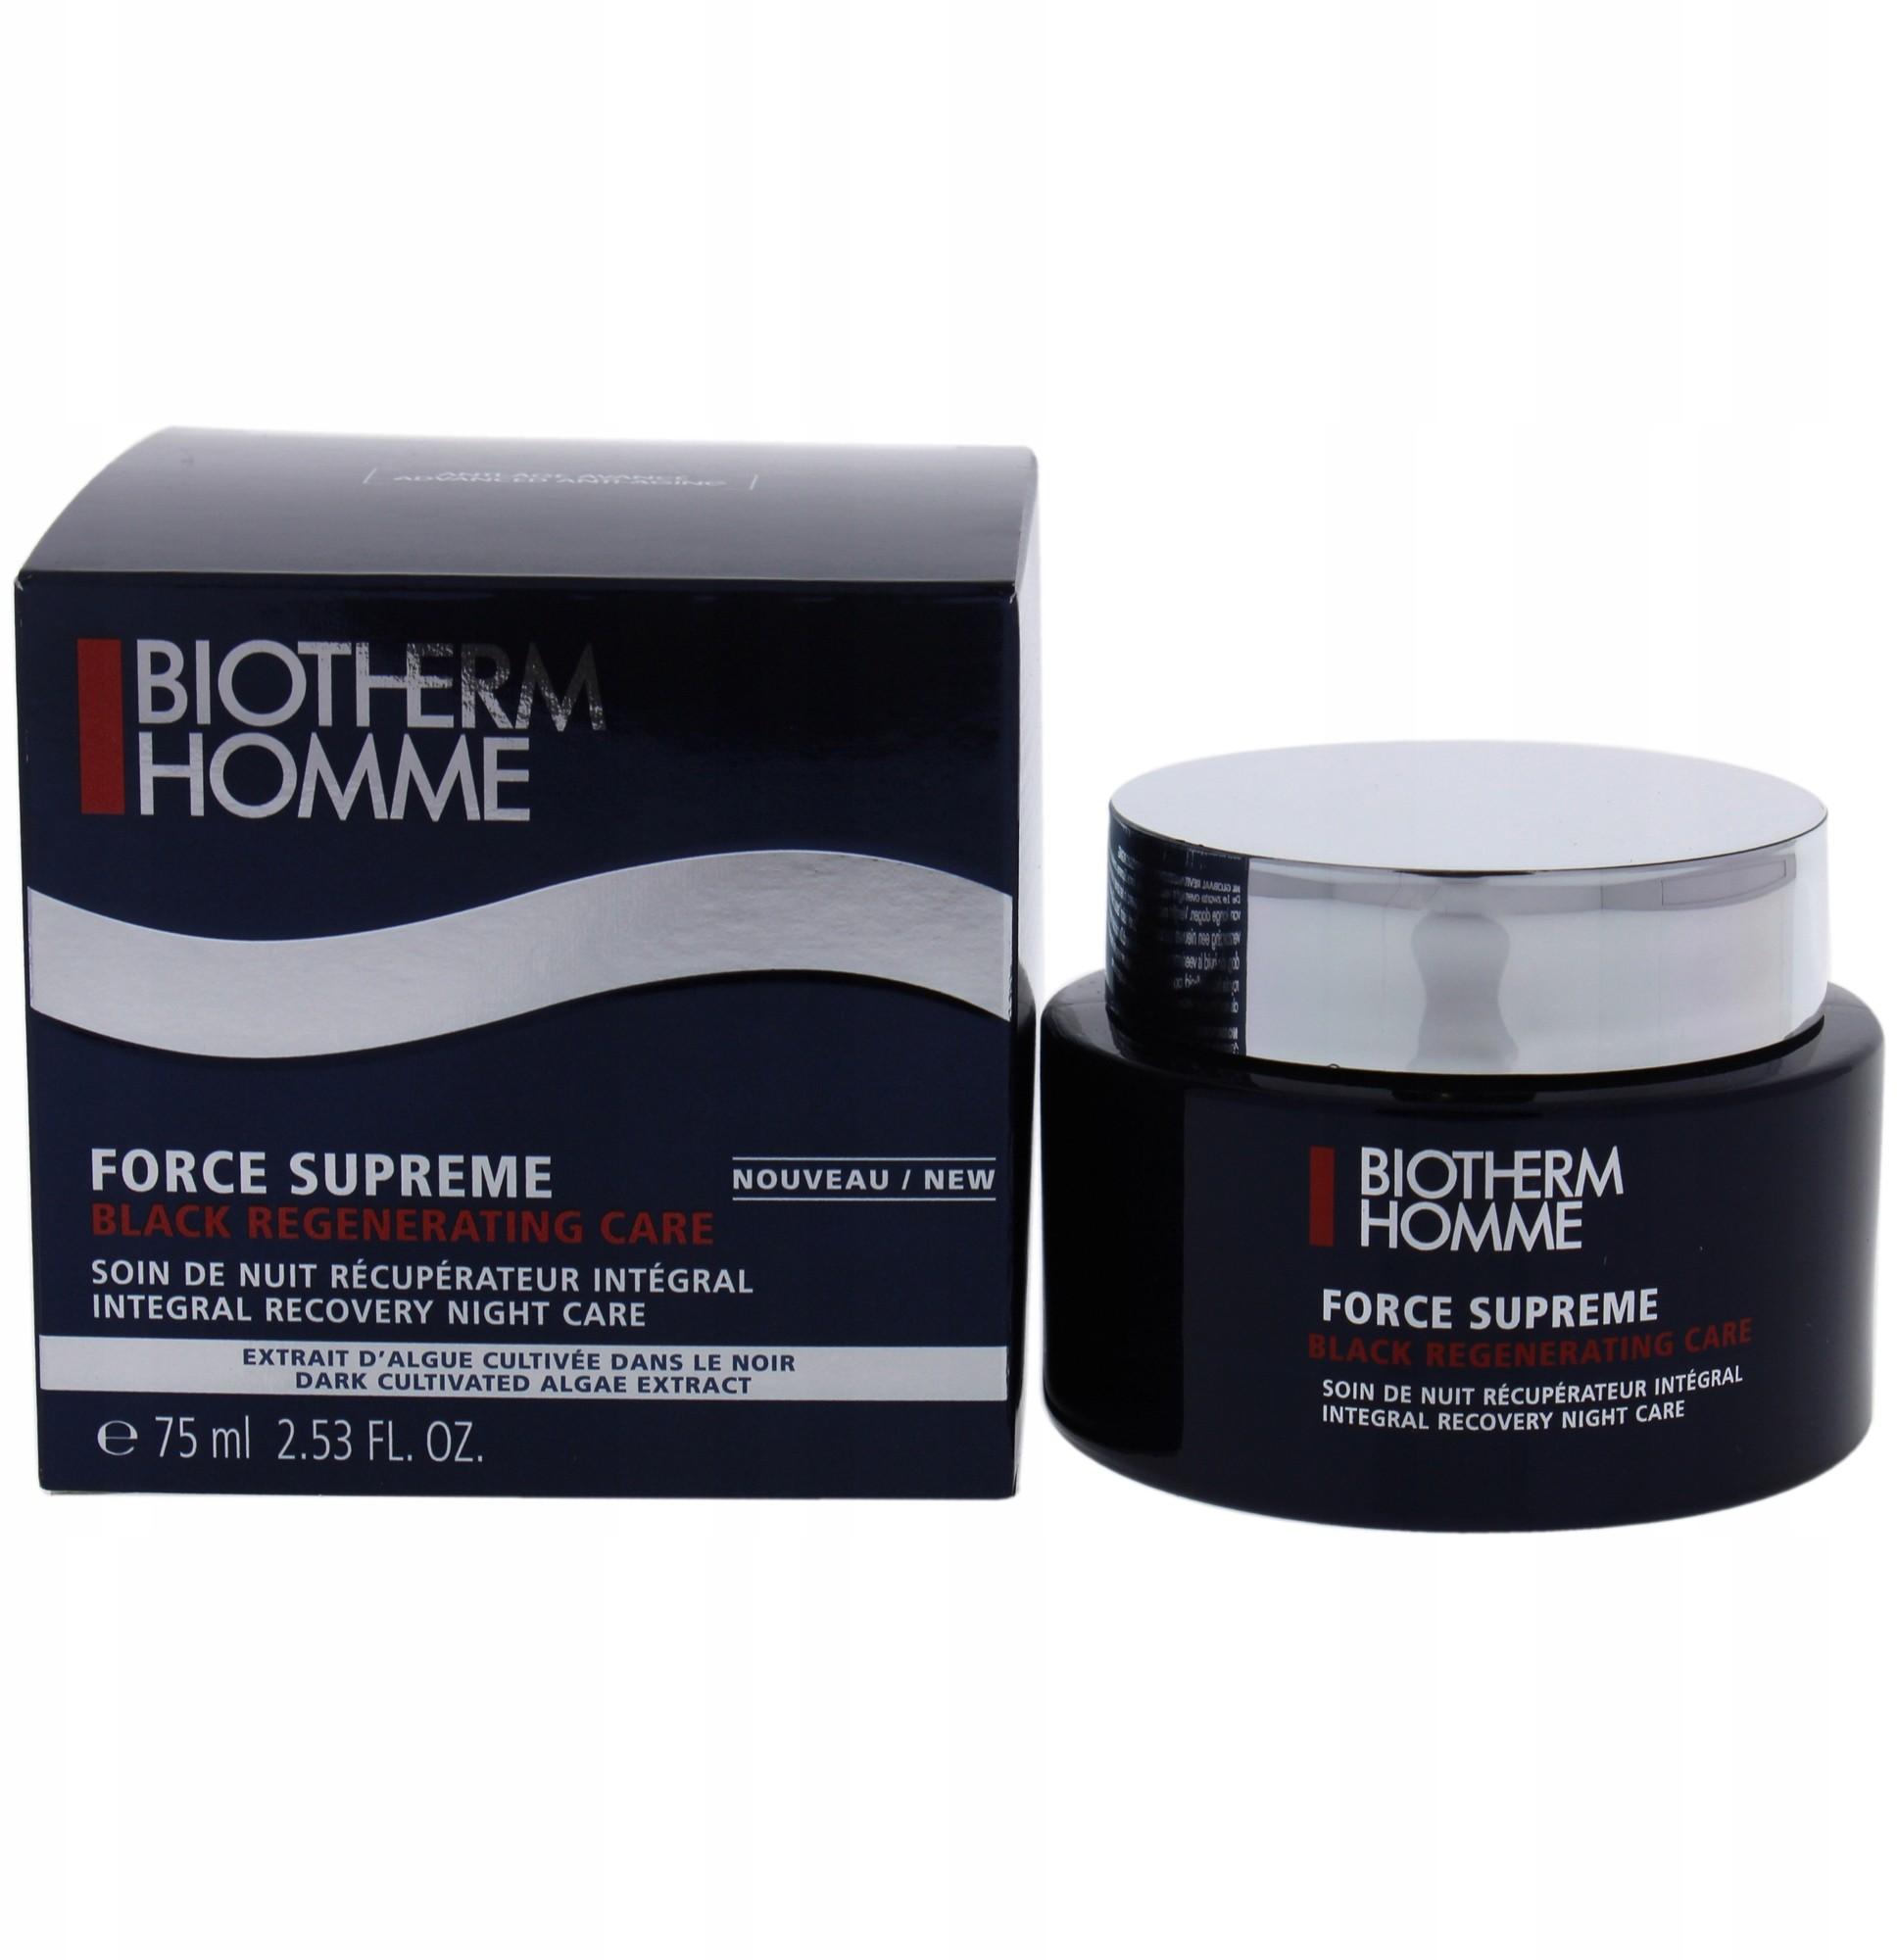 Biotherm Homme Force Supreme Black Care krem 75ml